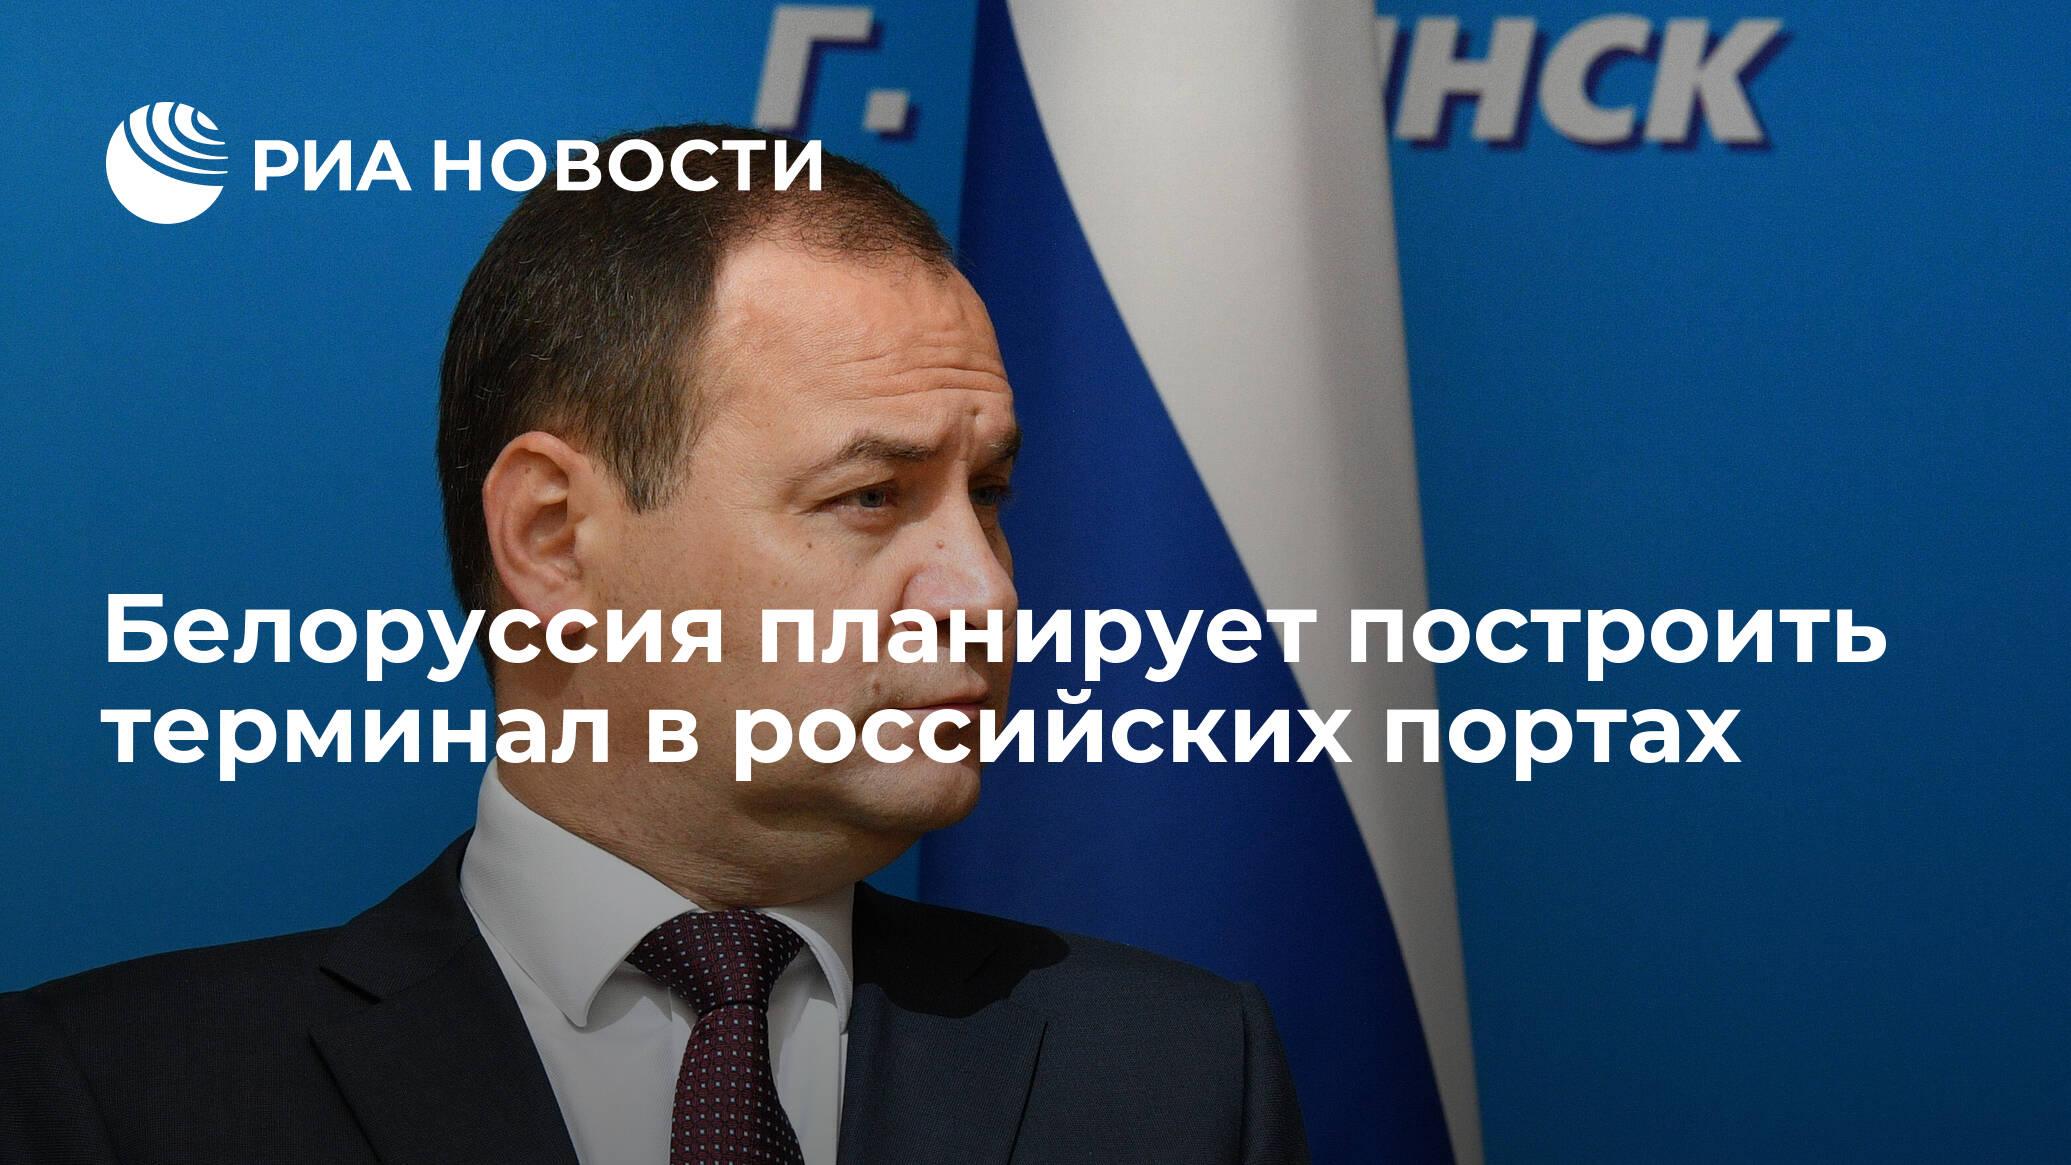 Белоруссия планирует построить терминал в российских портах